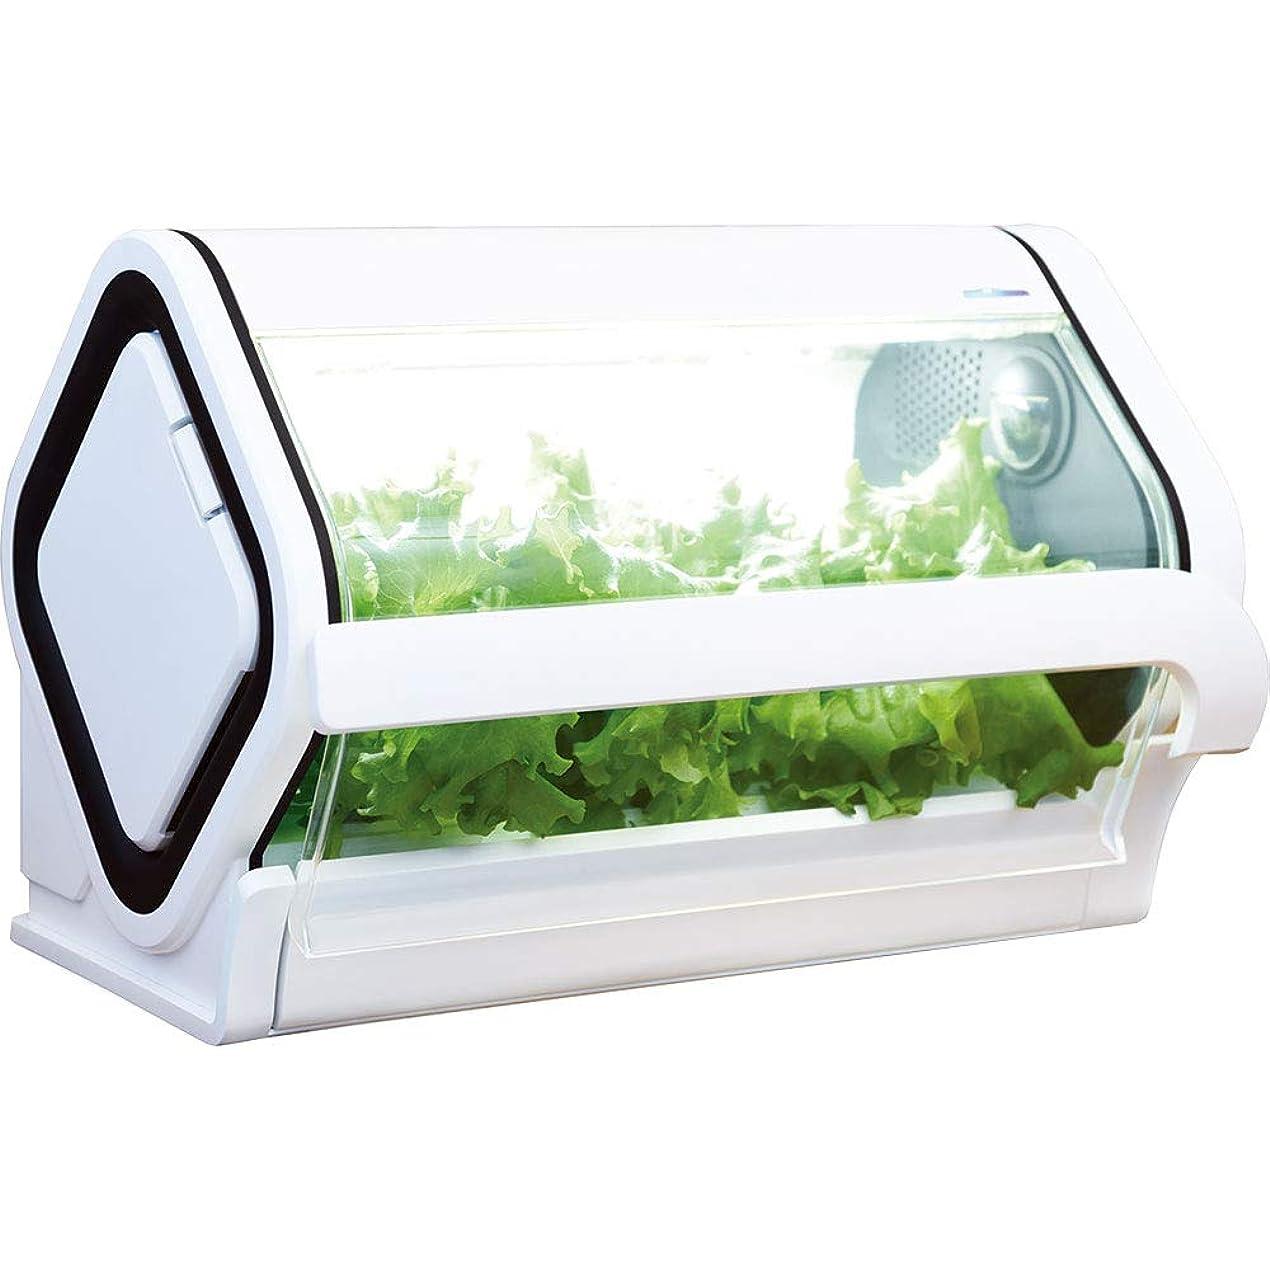 沖縄セルラー 水耕栽培 スマホ連動 LEDライト やさい物語 OCT-BD01 白